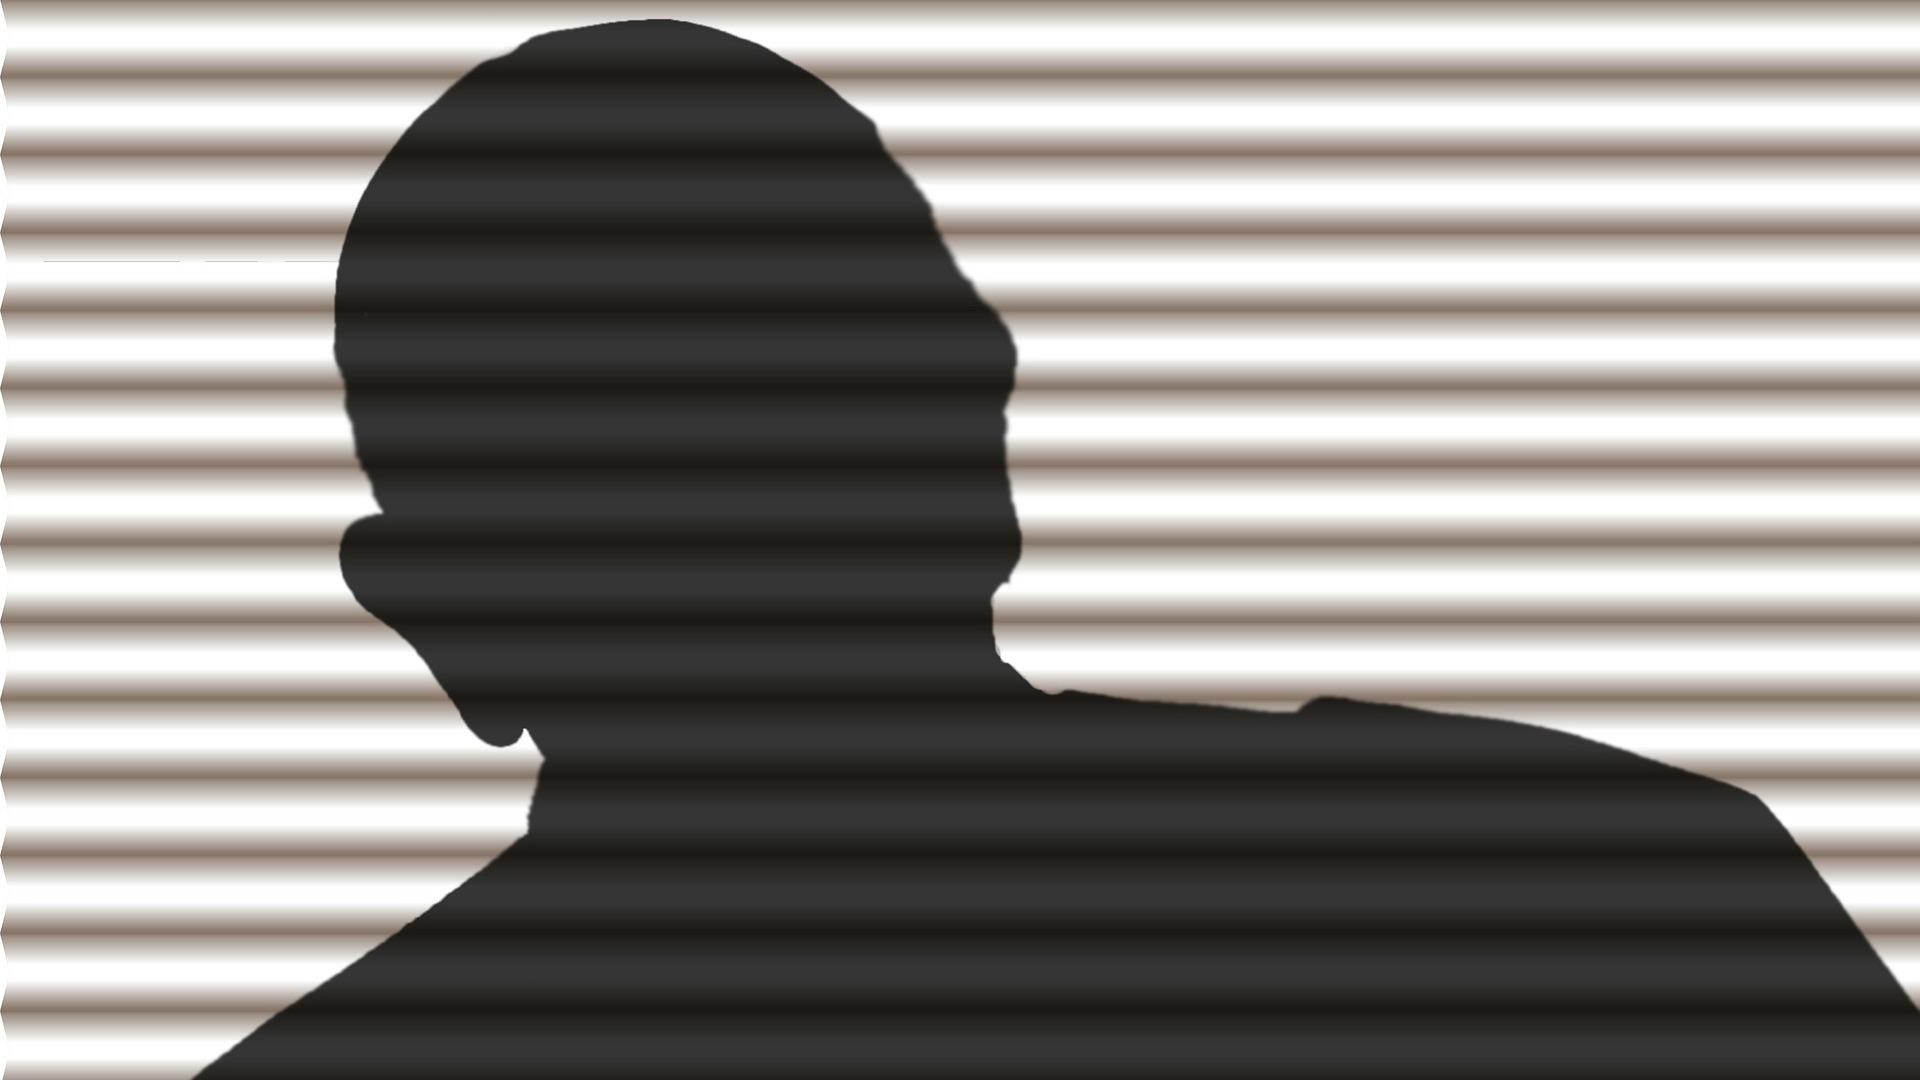 Anonymat vs pseudonymat: pourquoi la différence compte dans le traitement des données